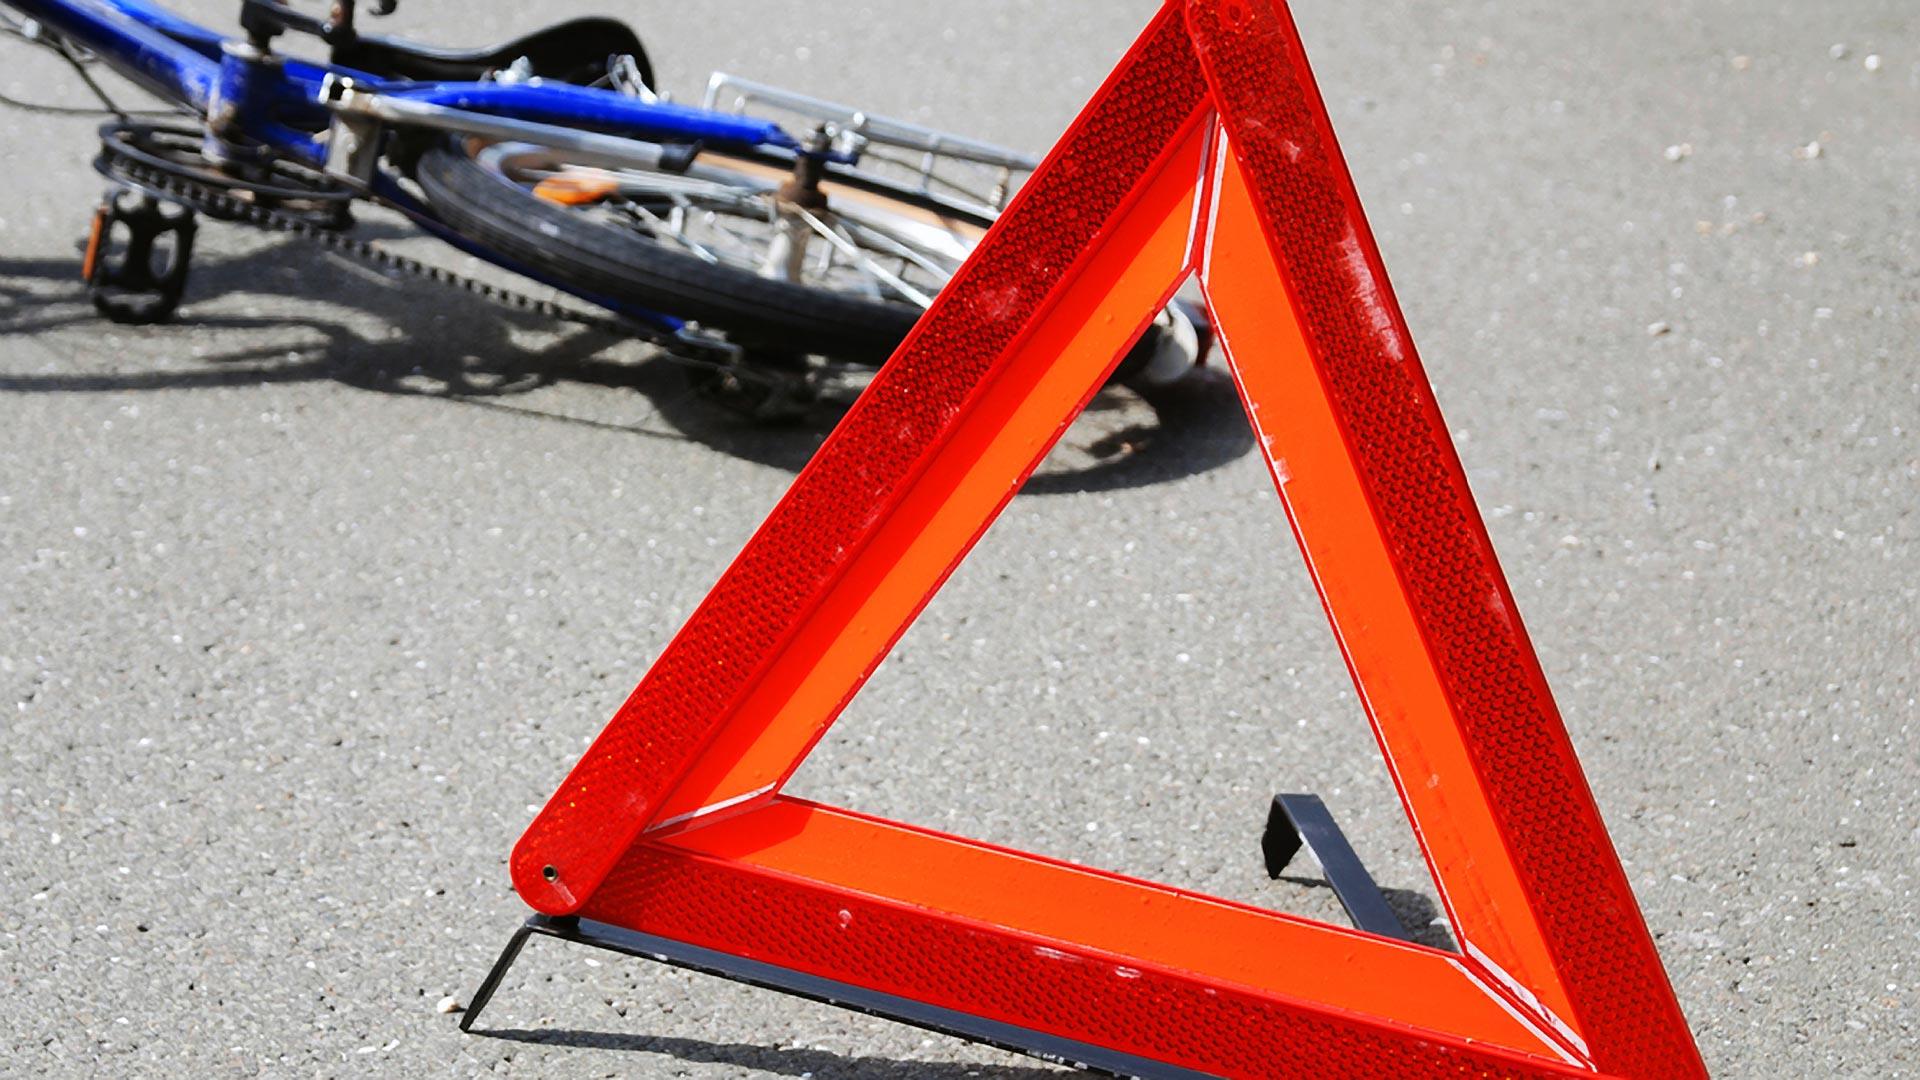 В центре Твери иномарка сбила 11-летнего мальчика на велосипеде